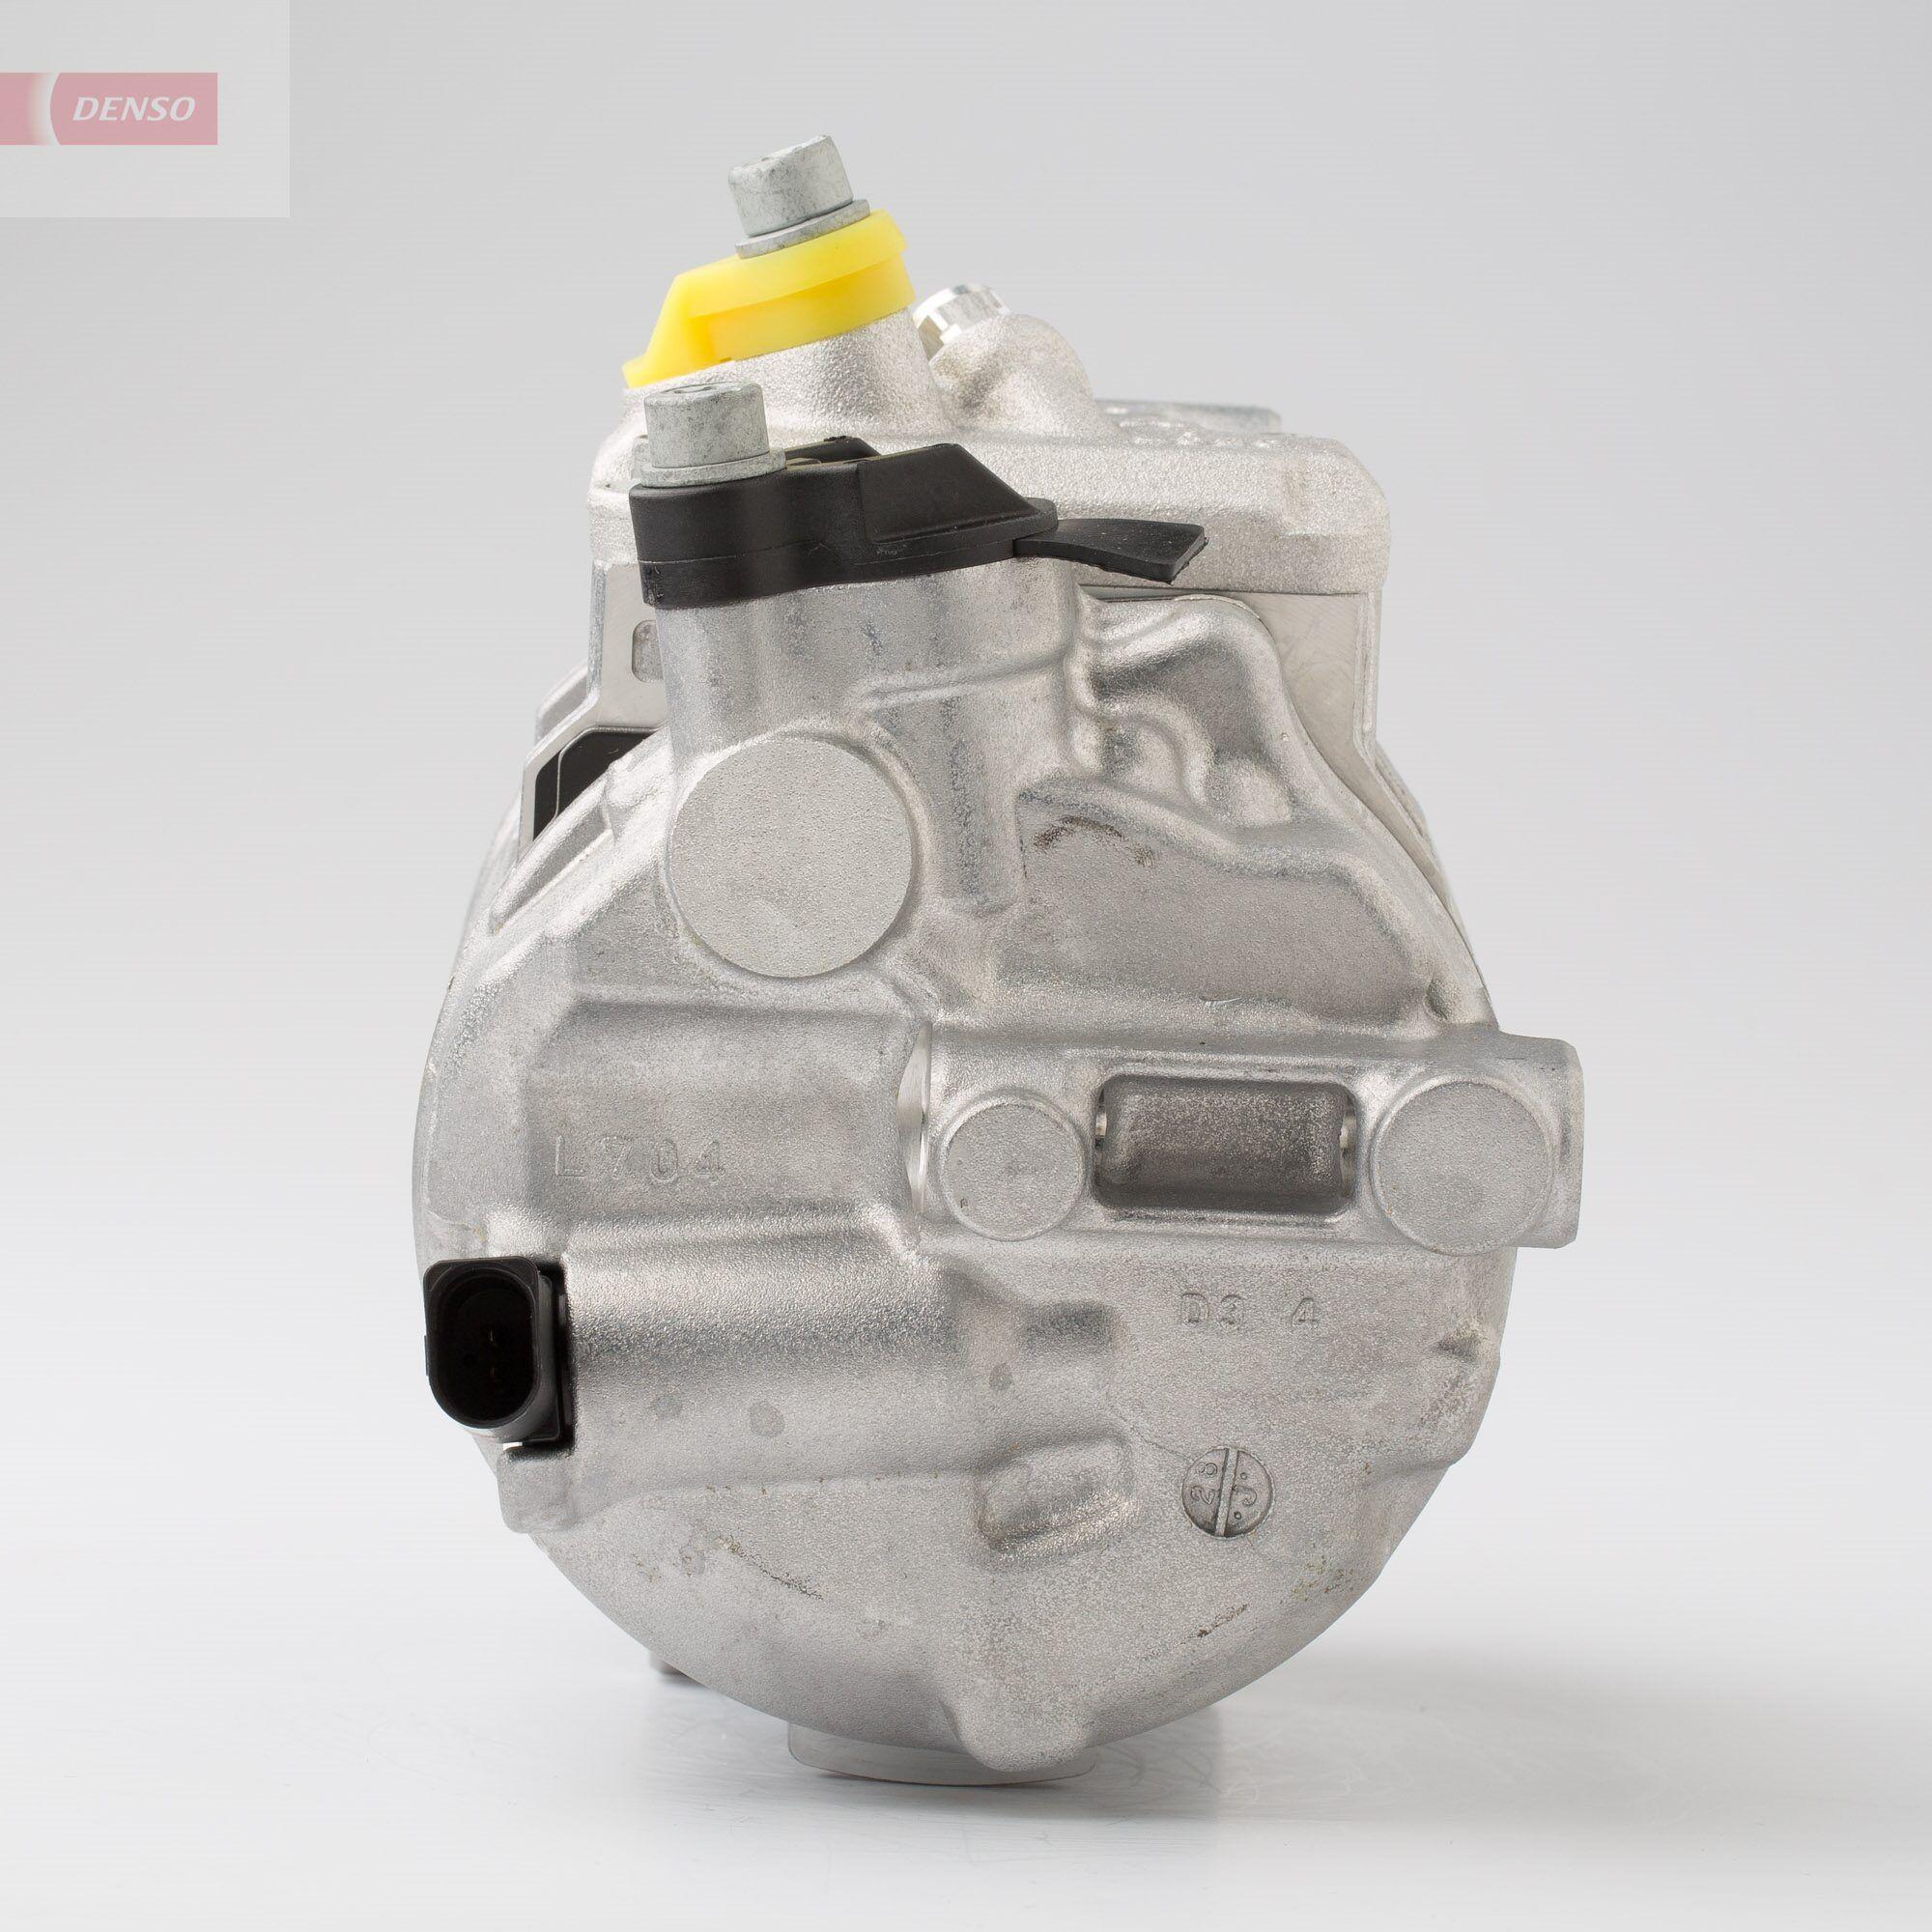 Klimakompressor DCP32045 von DENSO